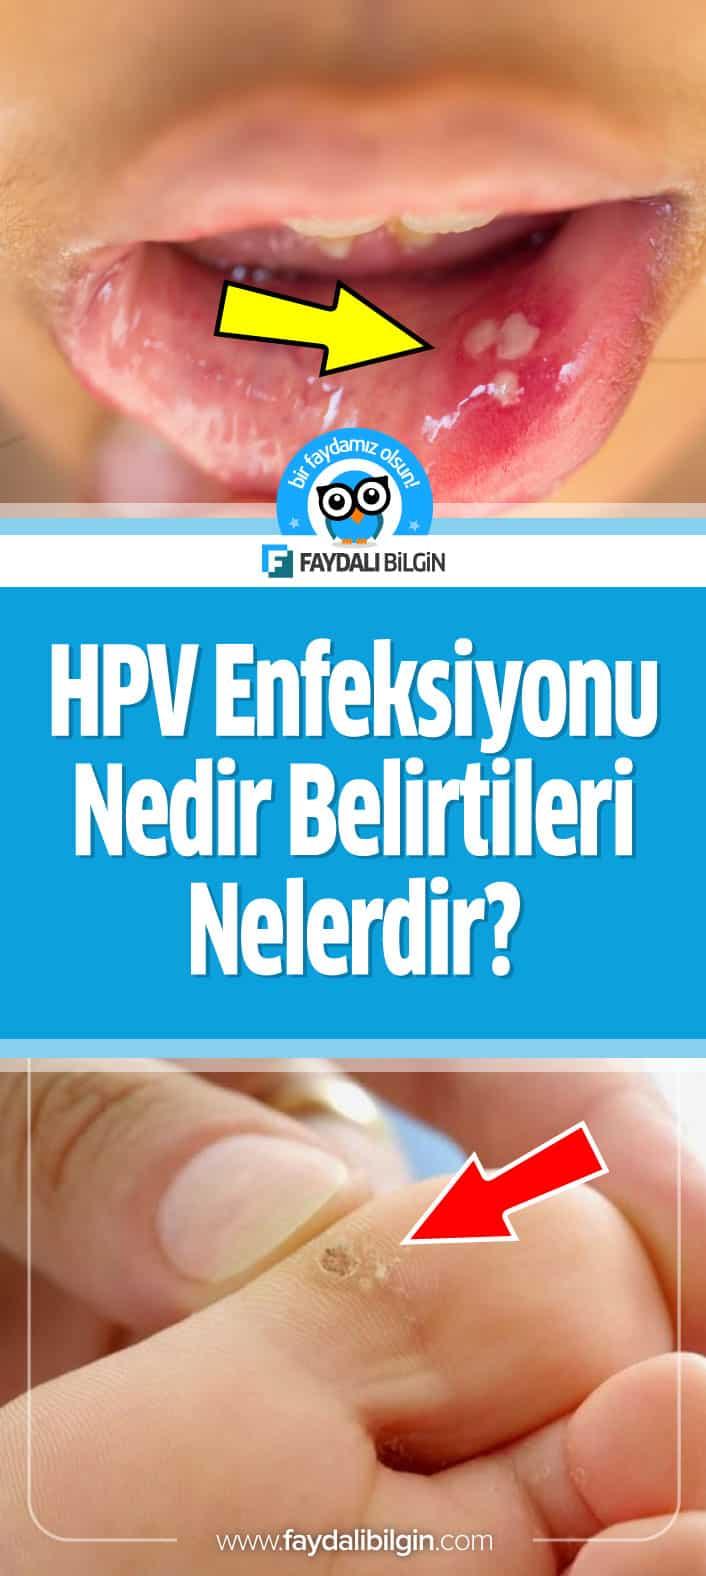 HPV Enfeksiyonu; kadınlarda ve erkeklerde cinsel yol ile bulaşan genital siğil virüsü sonucu ortaya çıkar. HPV Enfeksiyonu Nedir Belirtileri Nelerdir? #hpv #hpvenfeksiyonu #kadın #erkek #cinsel #bulaşıcı #siğil #virüs #sağlık